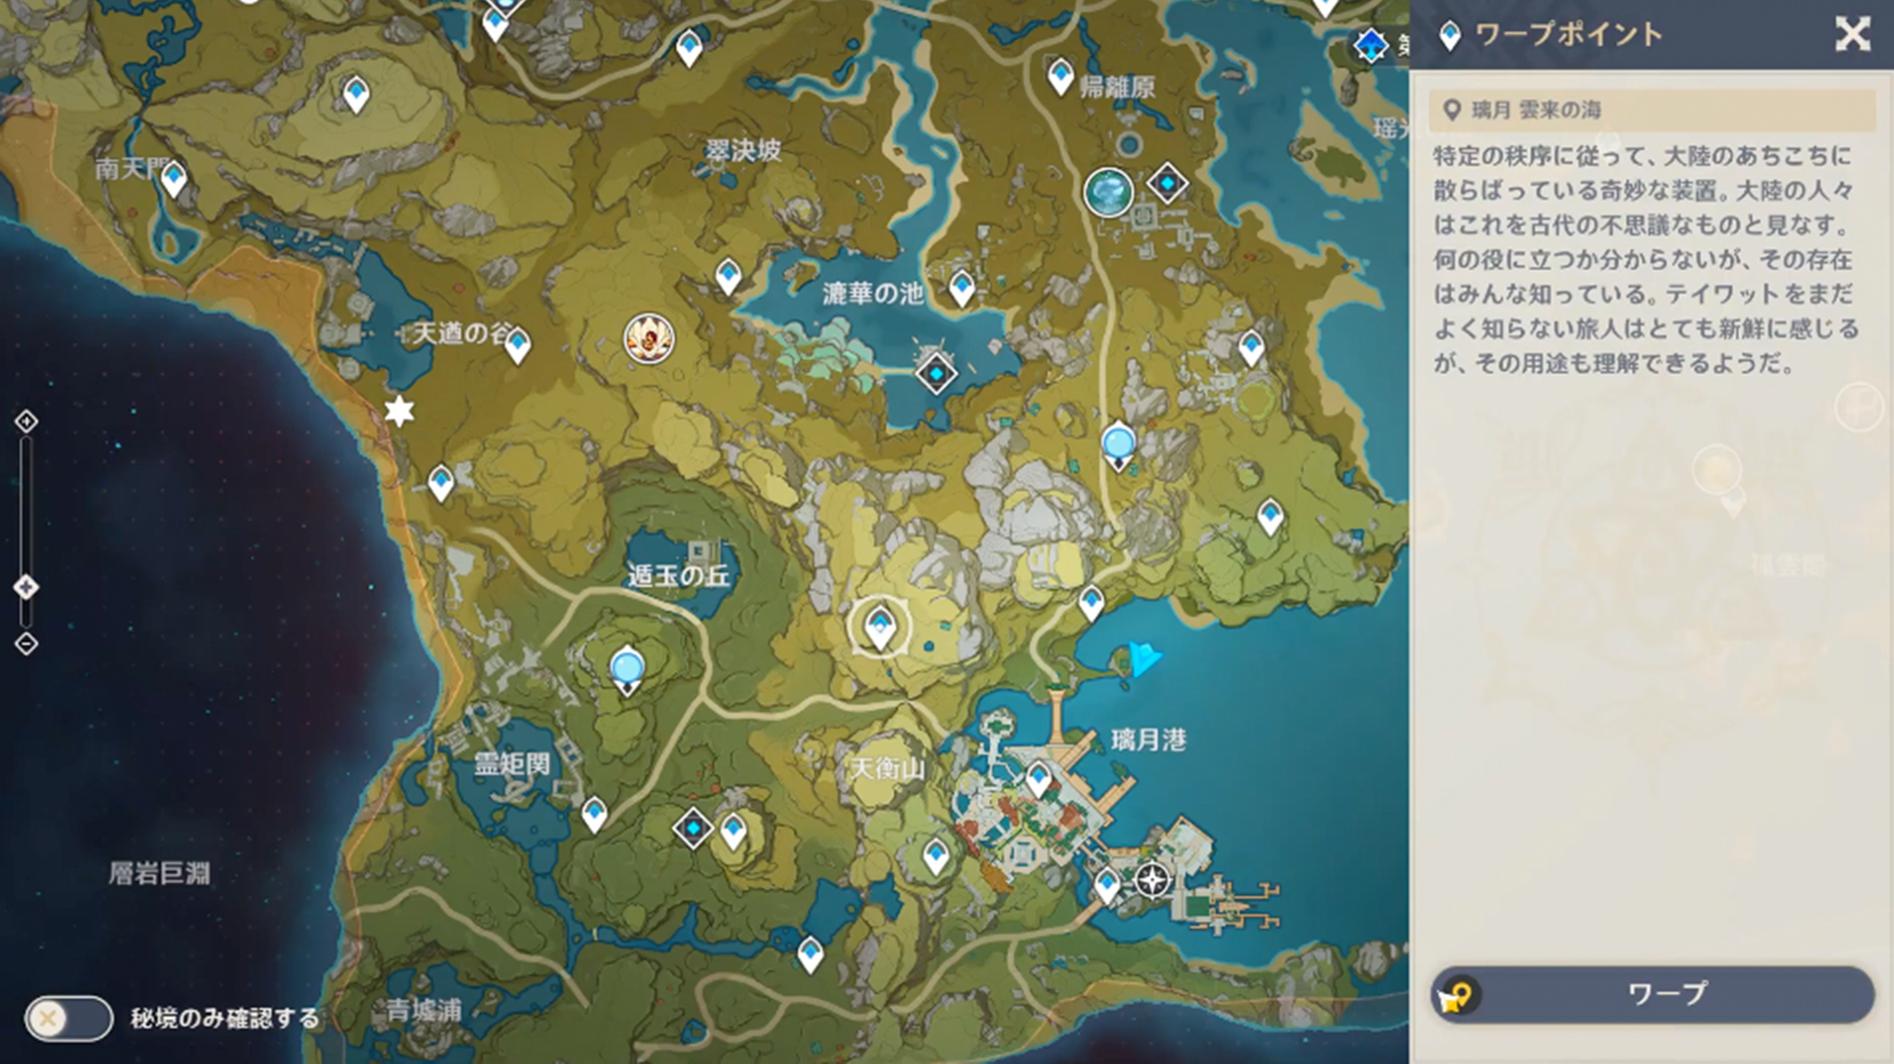 マップ画面からファストトラベルが可能!